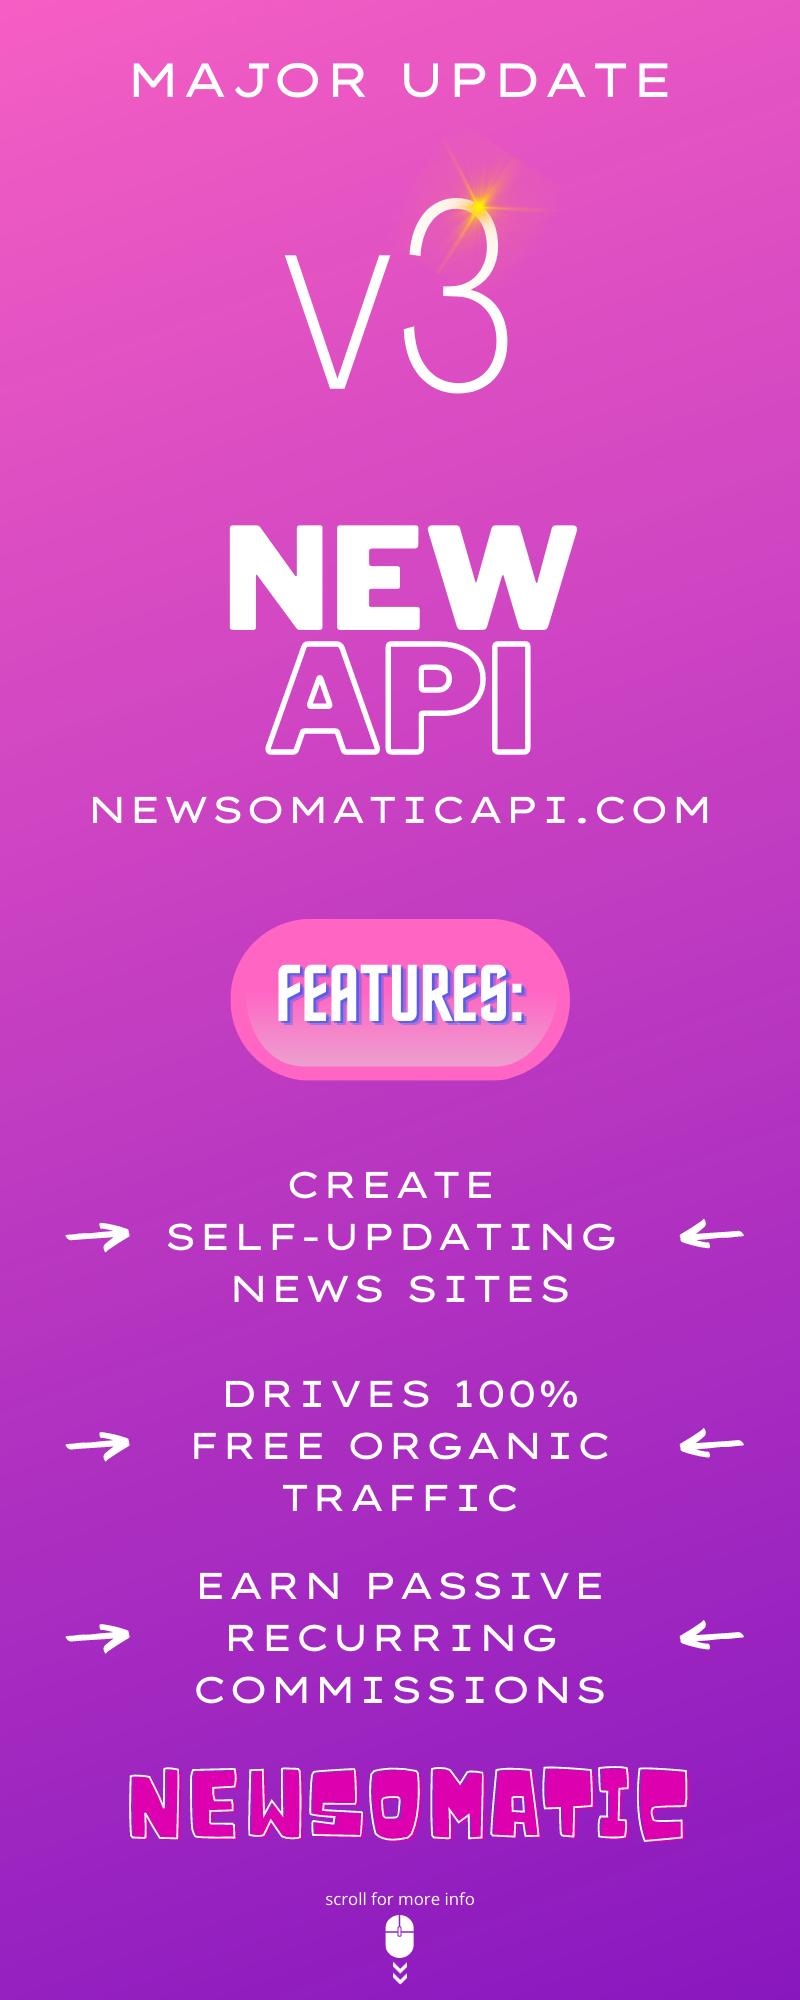 Newsomatic v3 update